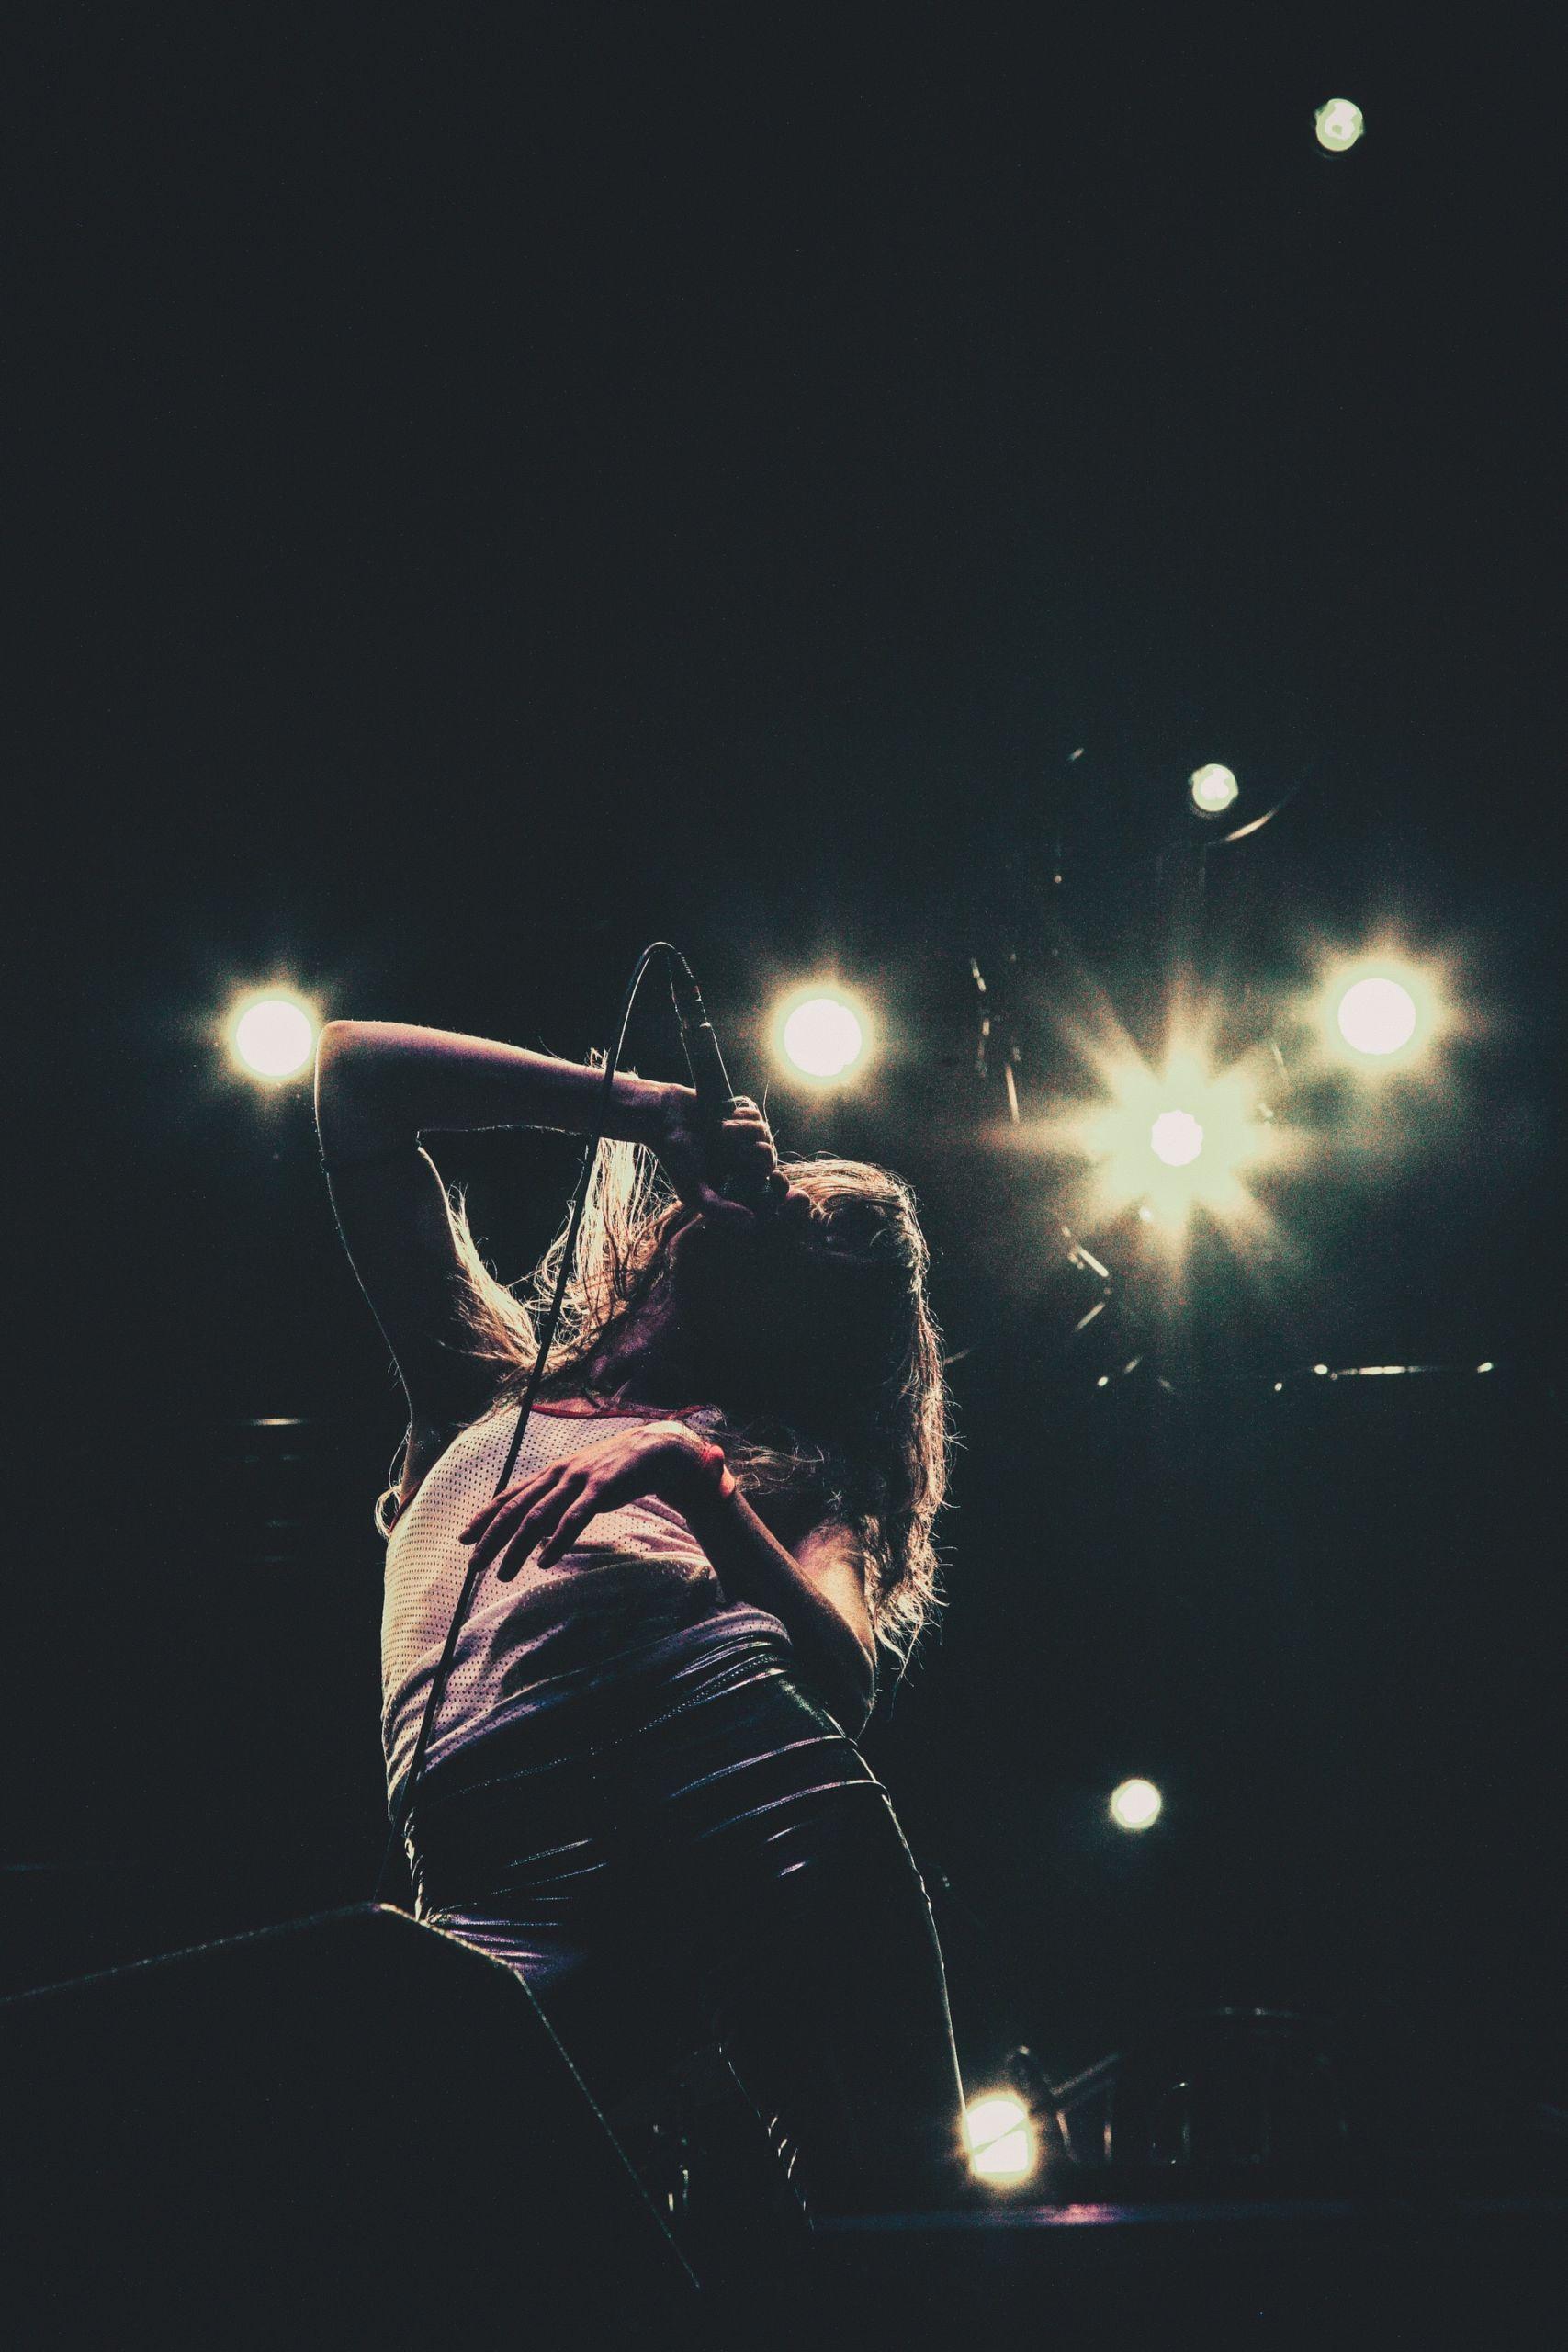 Eine Person in der Dunkelheit unter einzelnen grellen Lichtern, singt in ein Microphone.